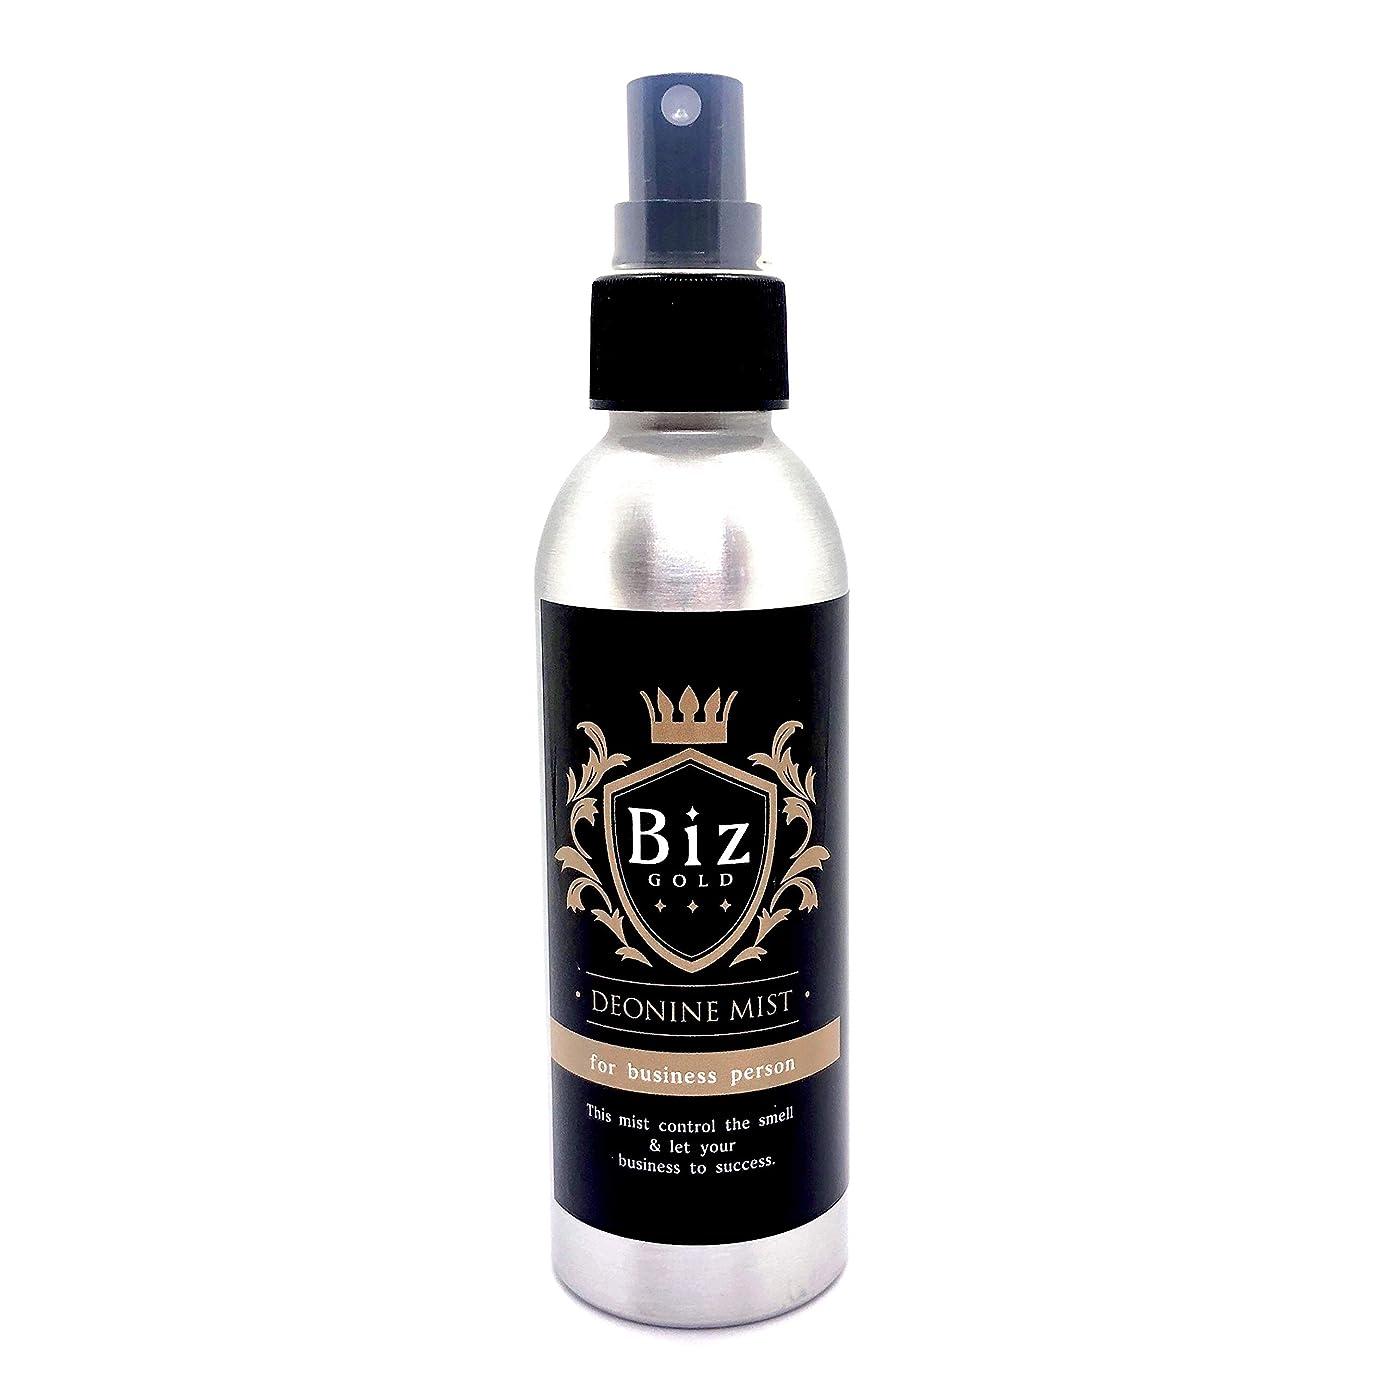 学んだ細菌着実にビズゴールド 王様のデオナインミスト 日本メンズ美容協会推奨 加齢臭ミドル臭を防ぐ金、柿渋、竹炭エキス オーガニック精油 贅沢配合 全身用120ml アンドユー